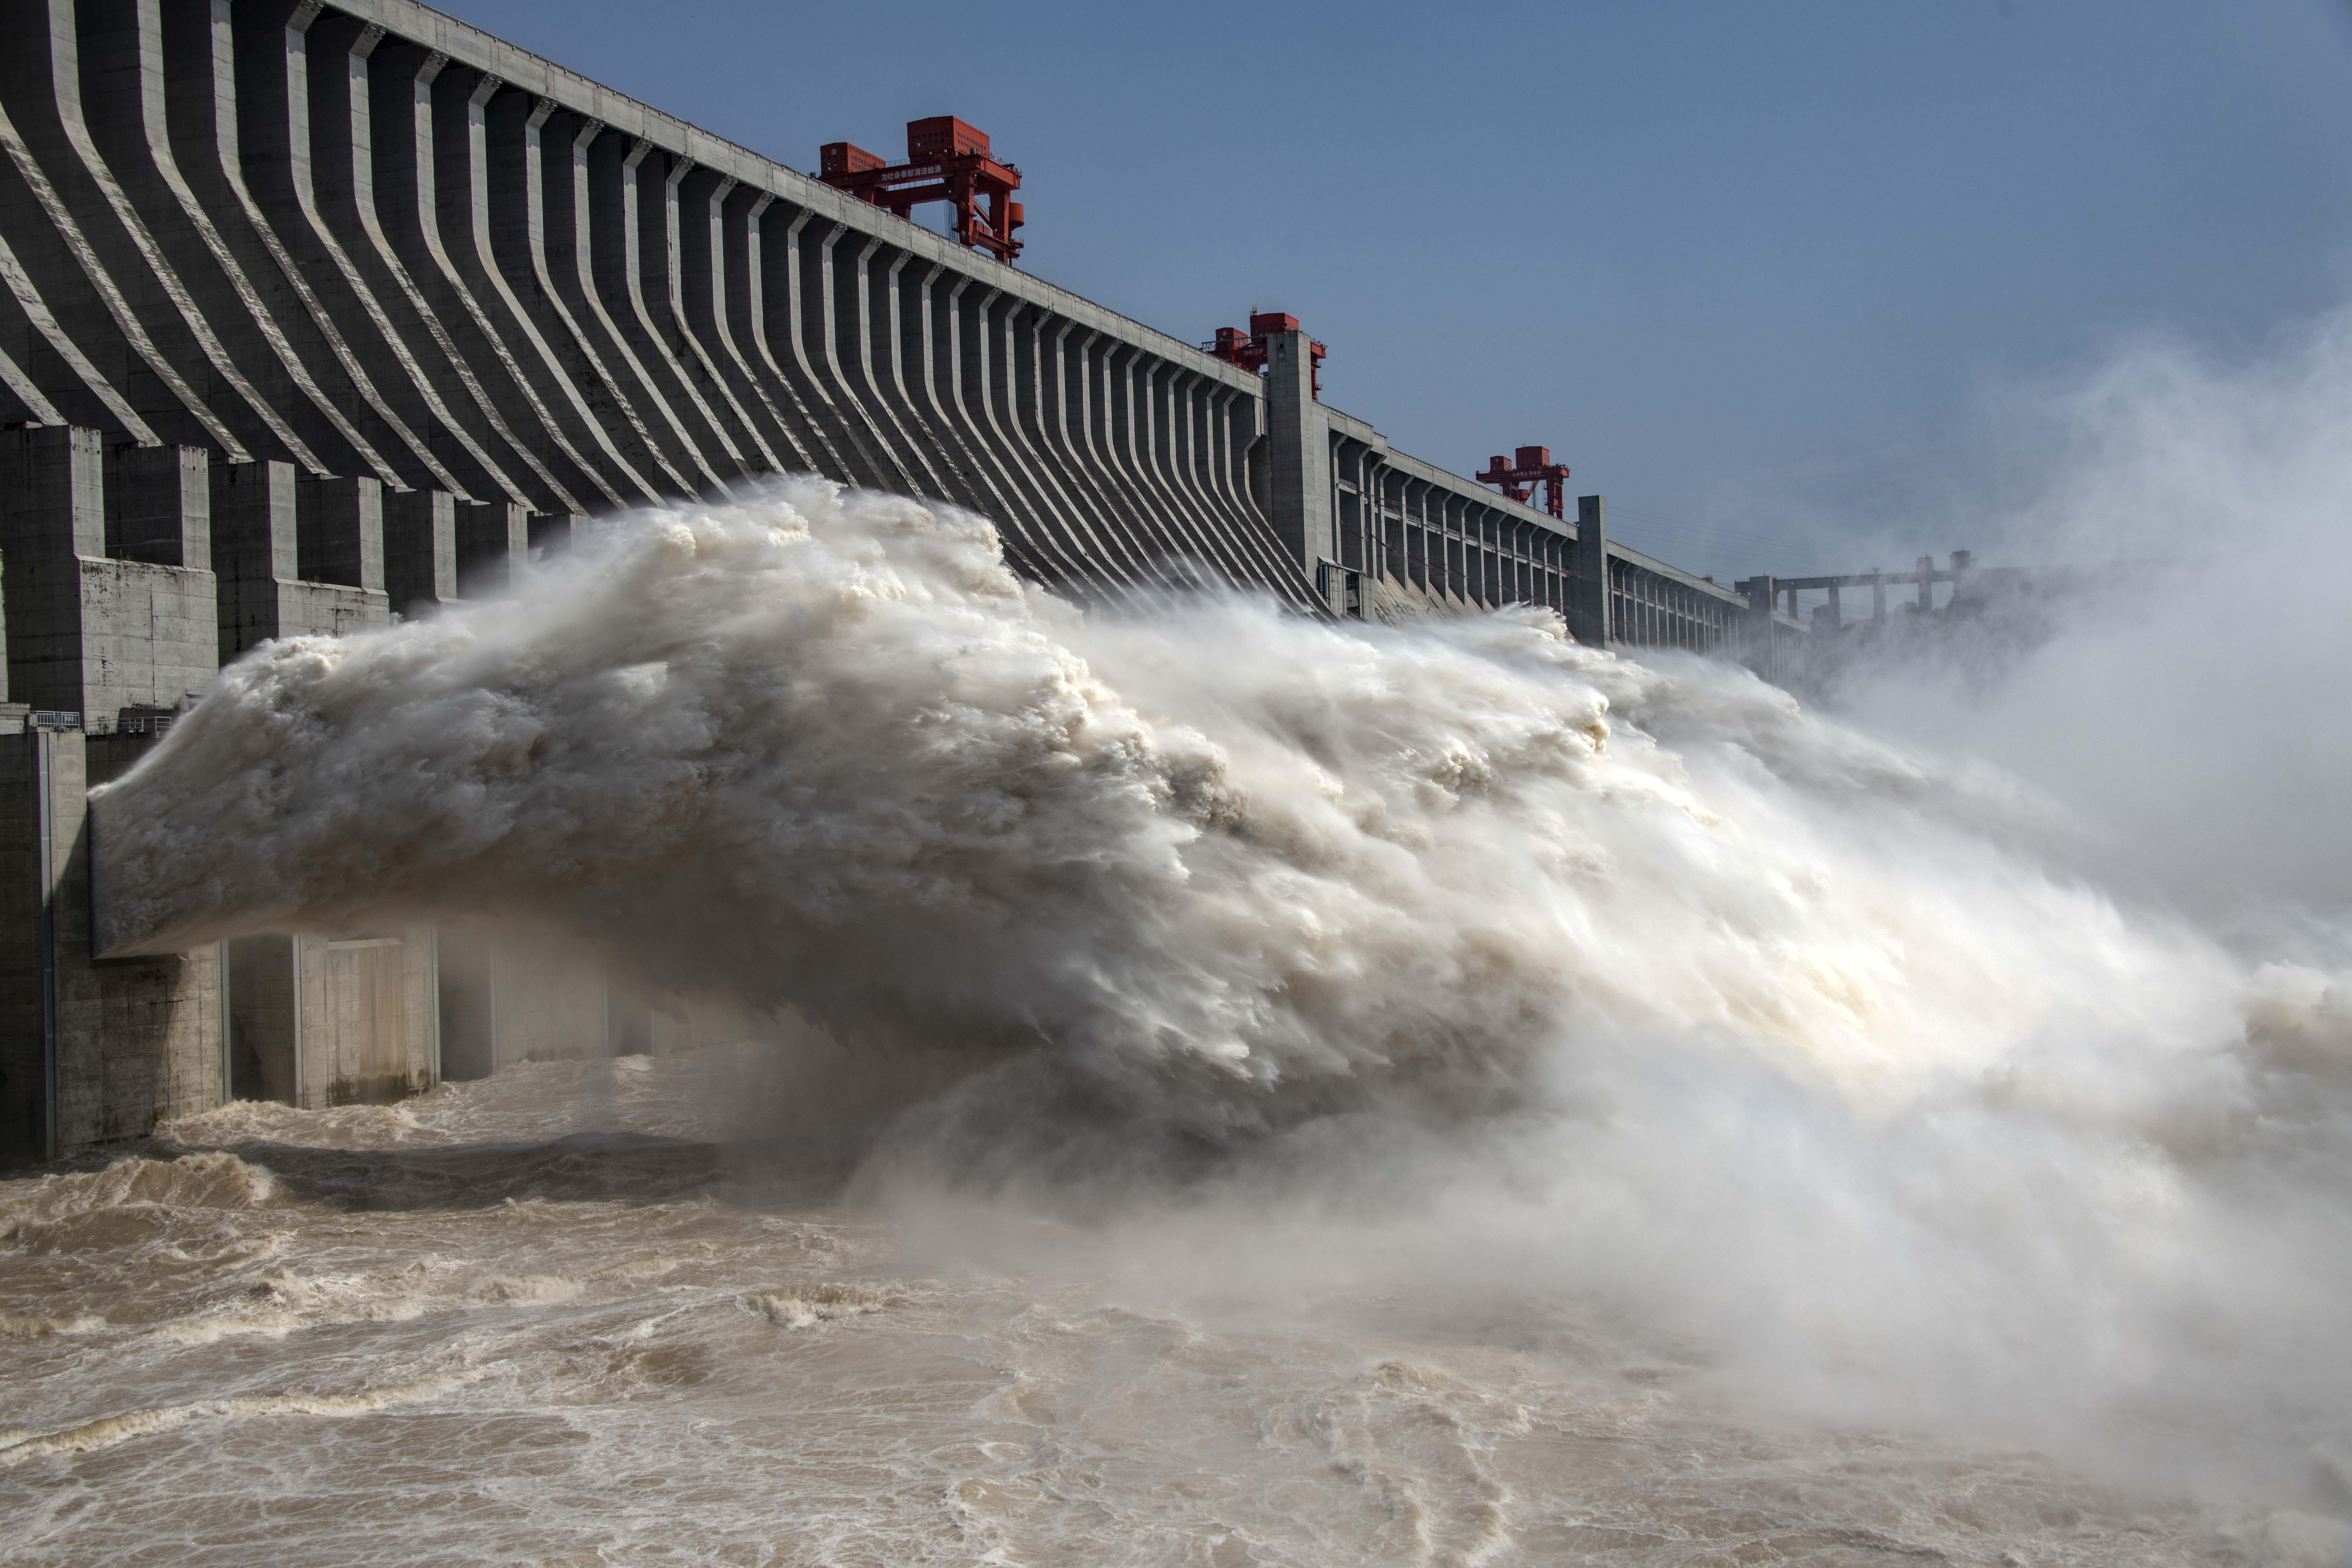 長江の増水、今年3回目のピークが三峡ダムを通過